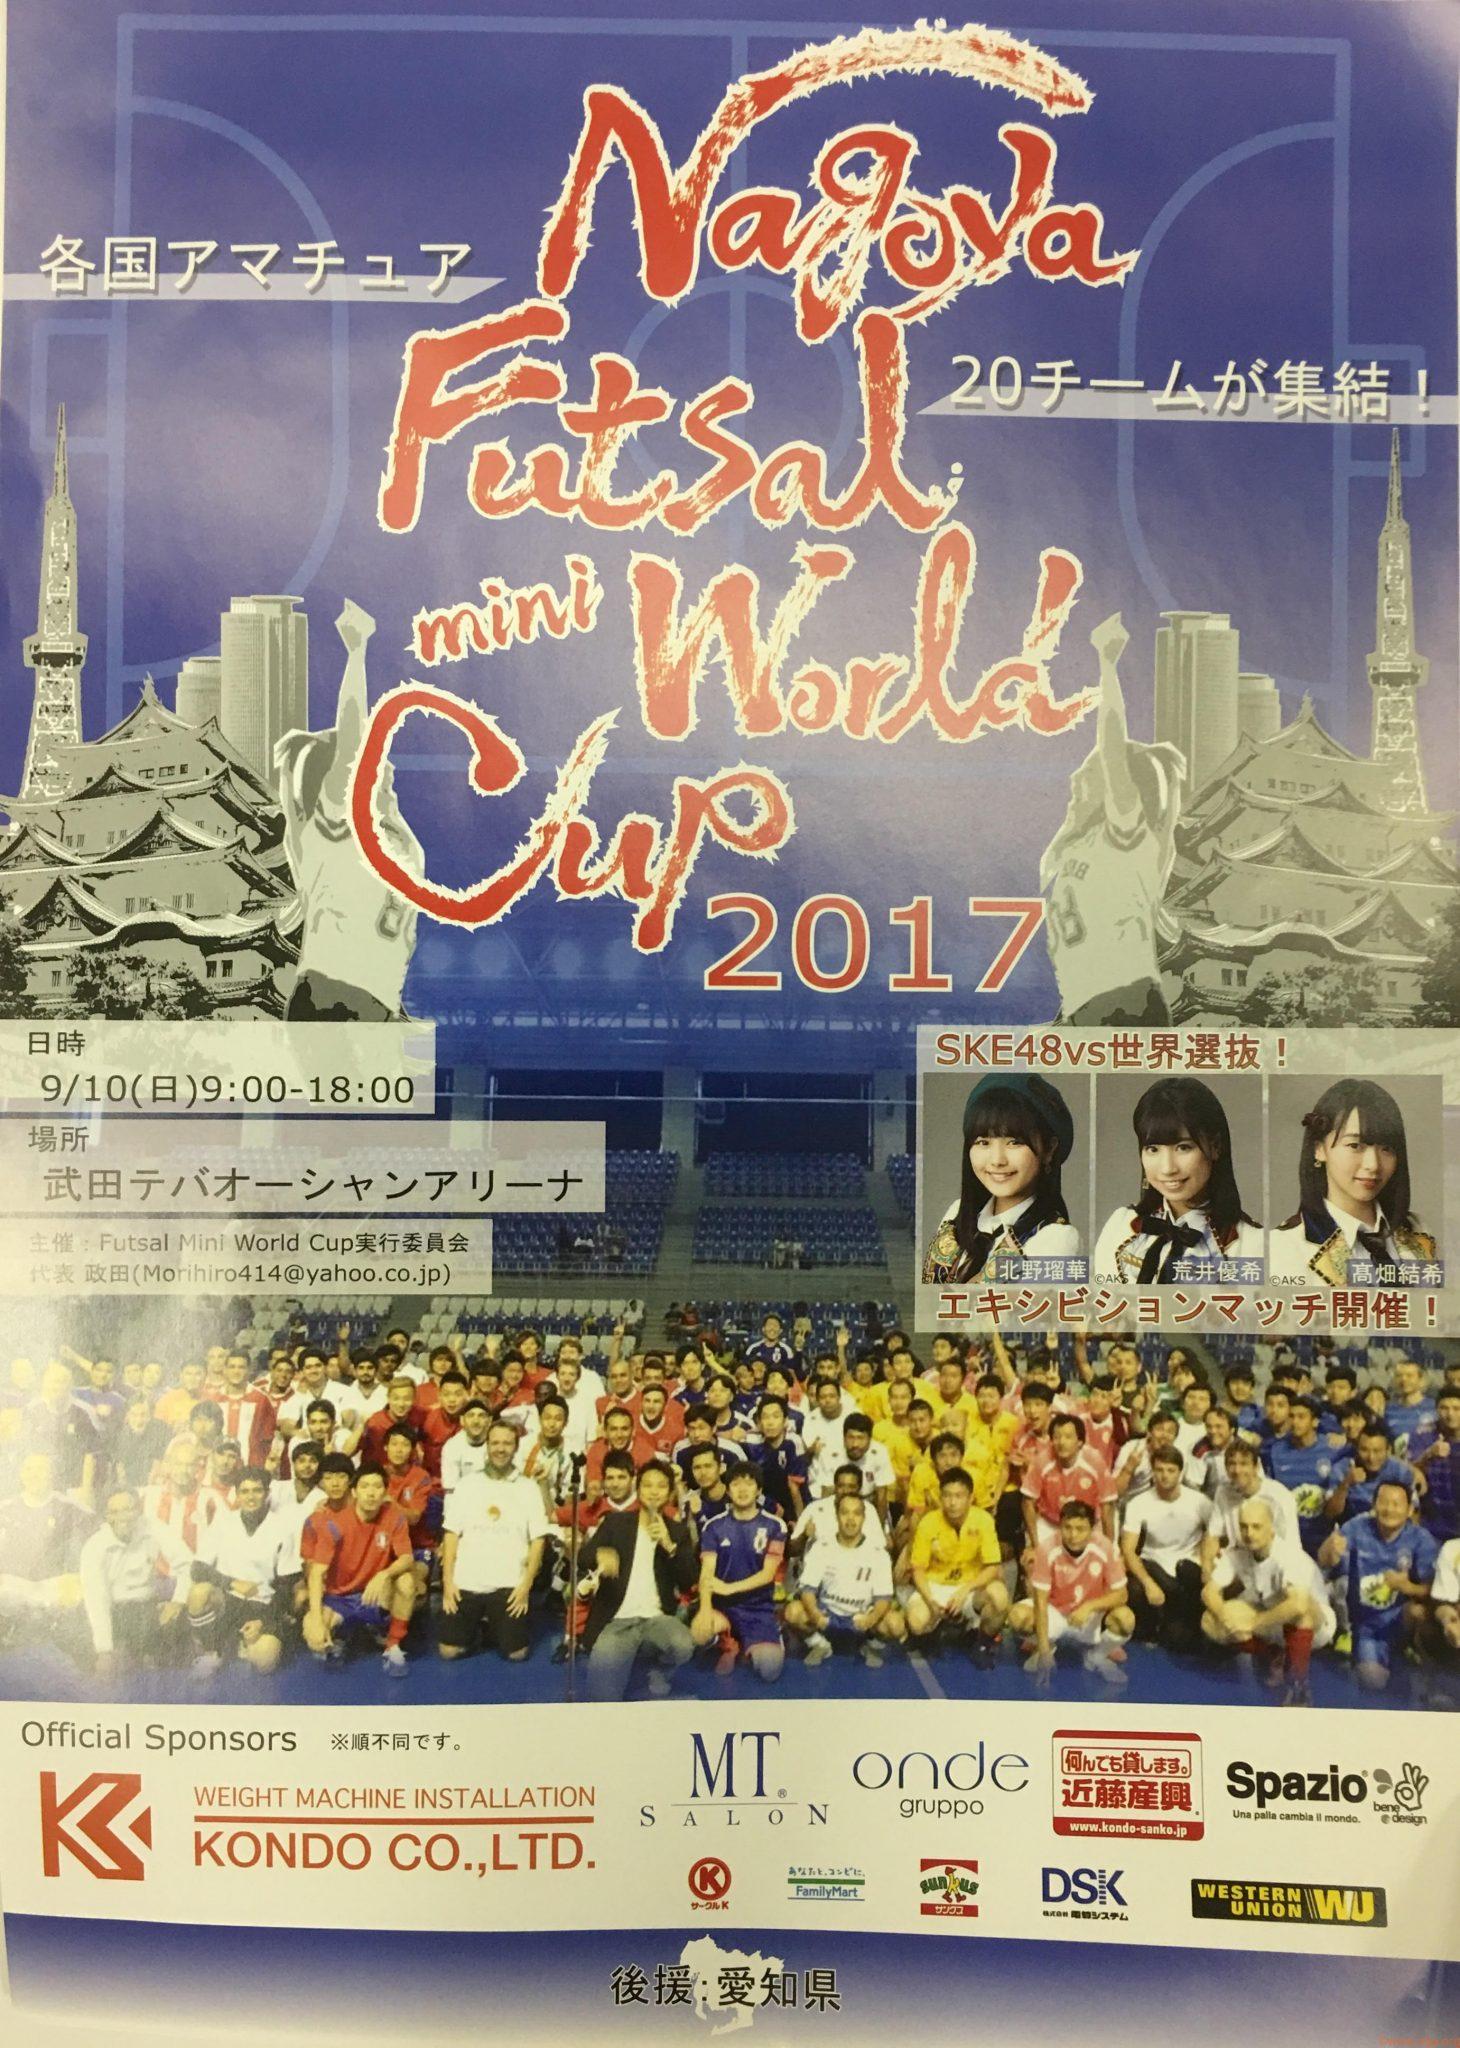 名古屋フットサルミニワールドカップの応援募集